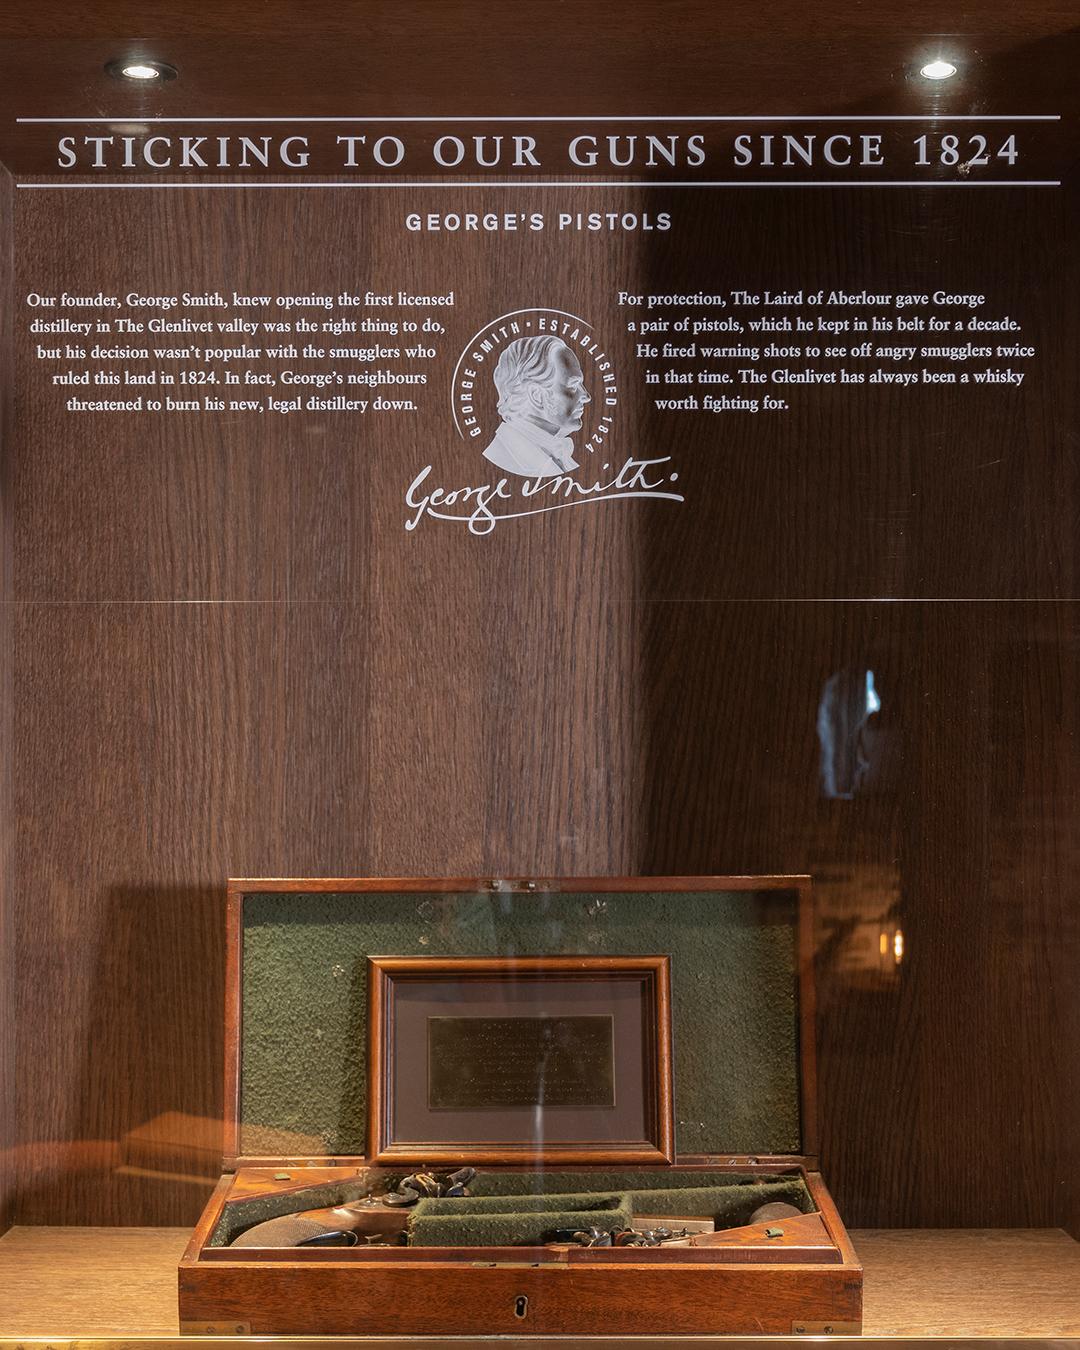 George Smith's pistols